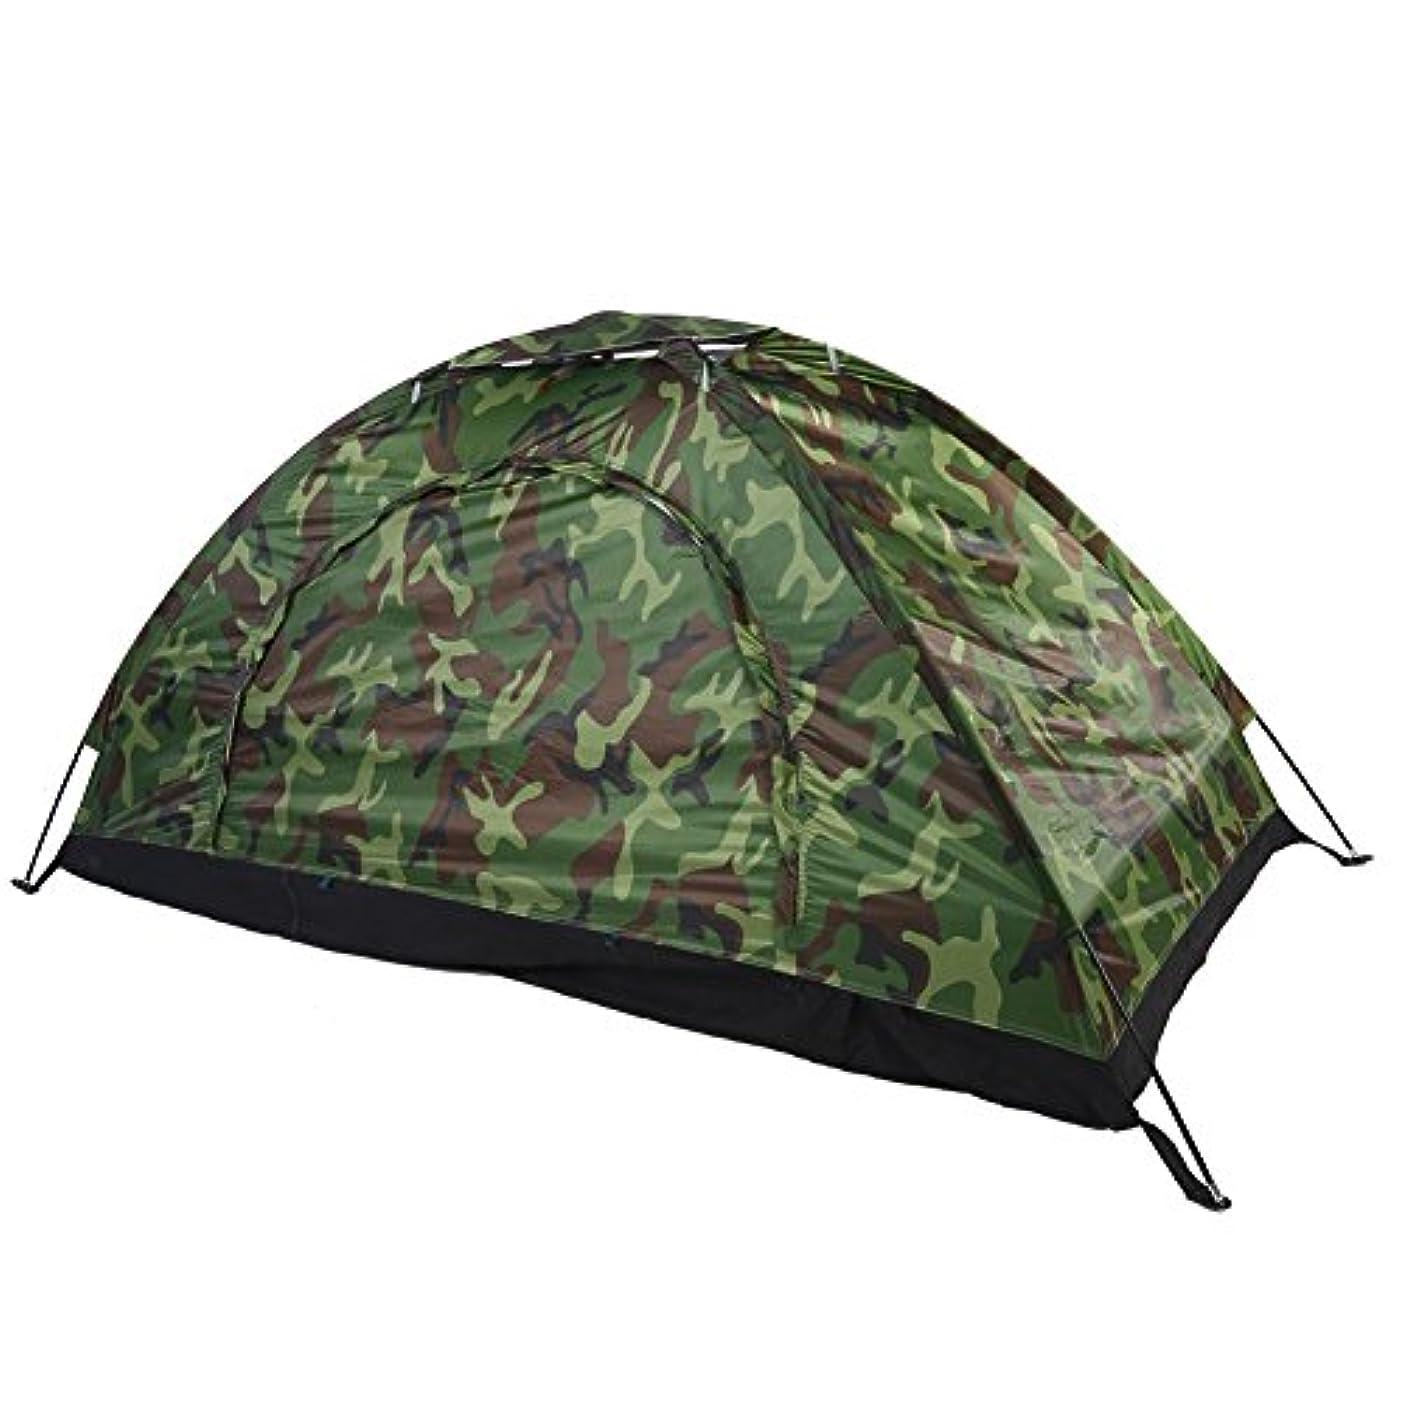 医薬層消去テント キャンプ アウトドア 1人用 設営簡単 紫外線カット 高通気性 防雨?防風 軽量 ハイキング 登山 収納袋付 カモフラージュ